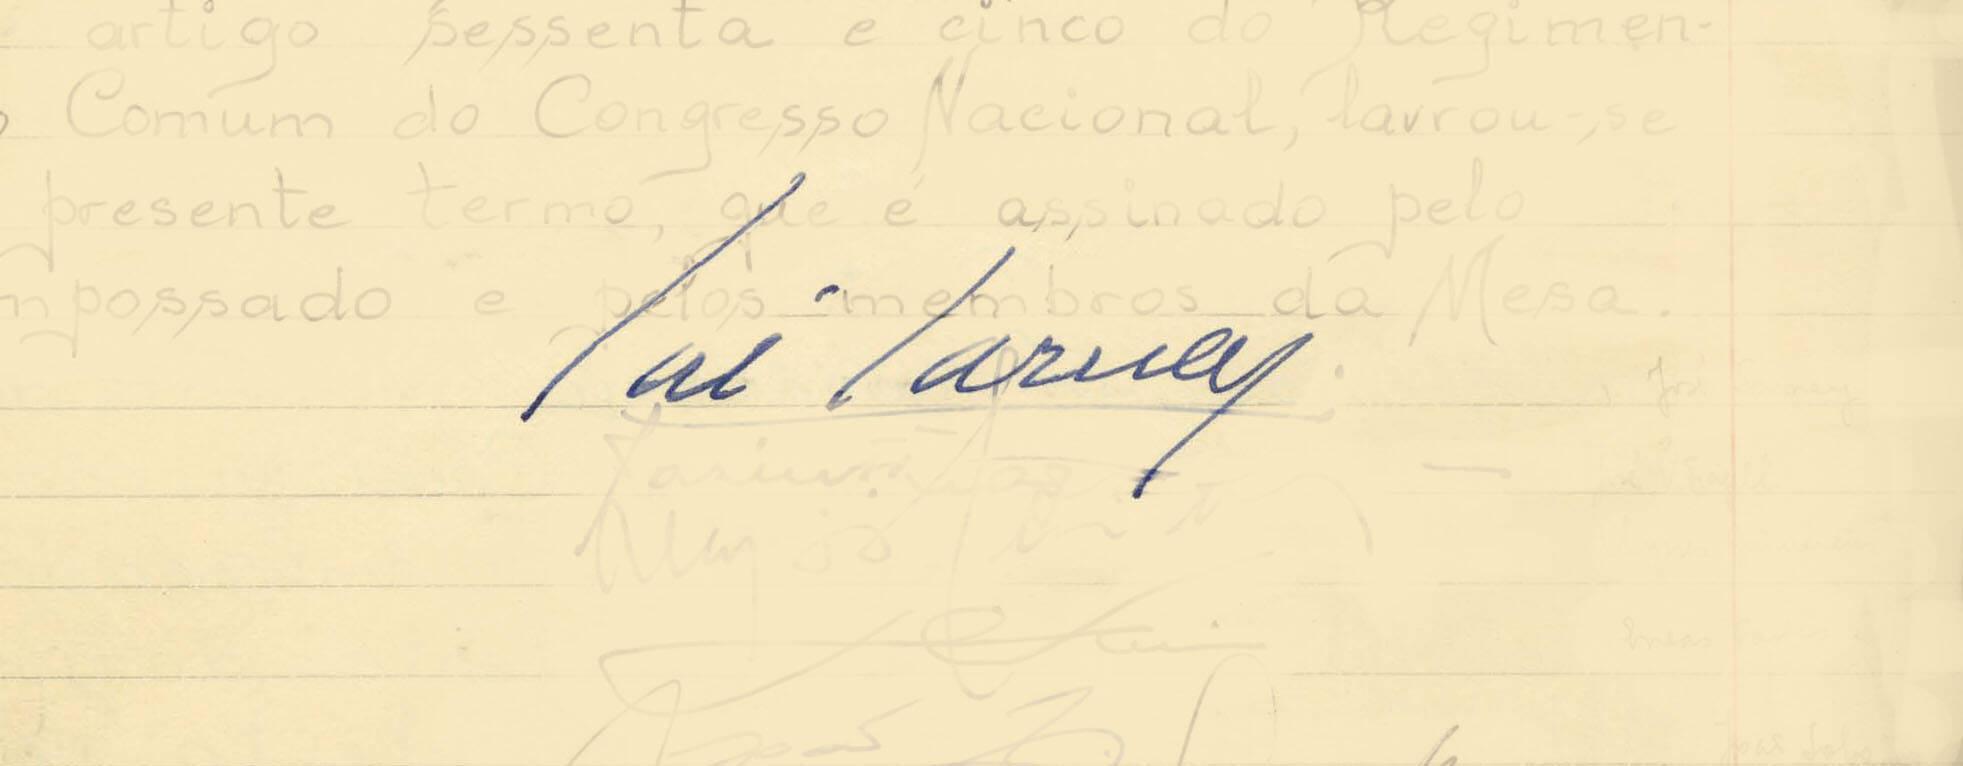 Com a doença de Tancredo, José Sarney assinou um Termo de Posse escrito às pressas, em 15 de março de 1985. Foto: Reprodução / Senado Federal